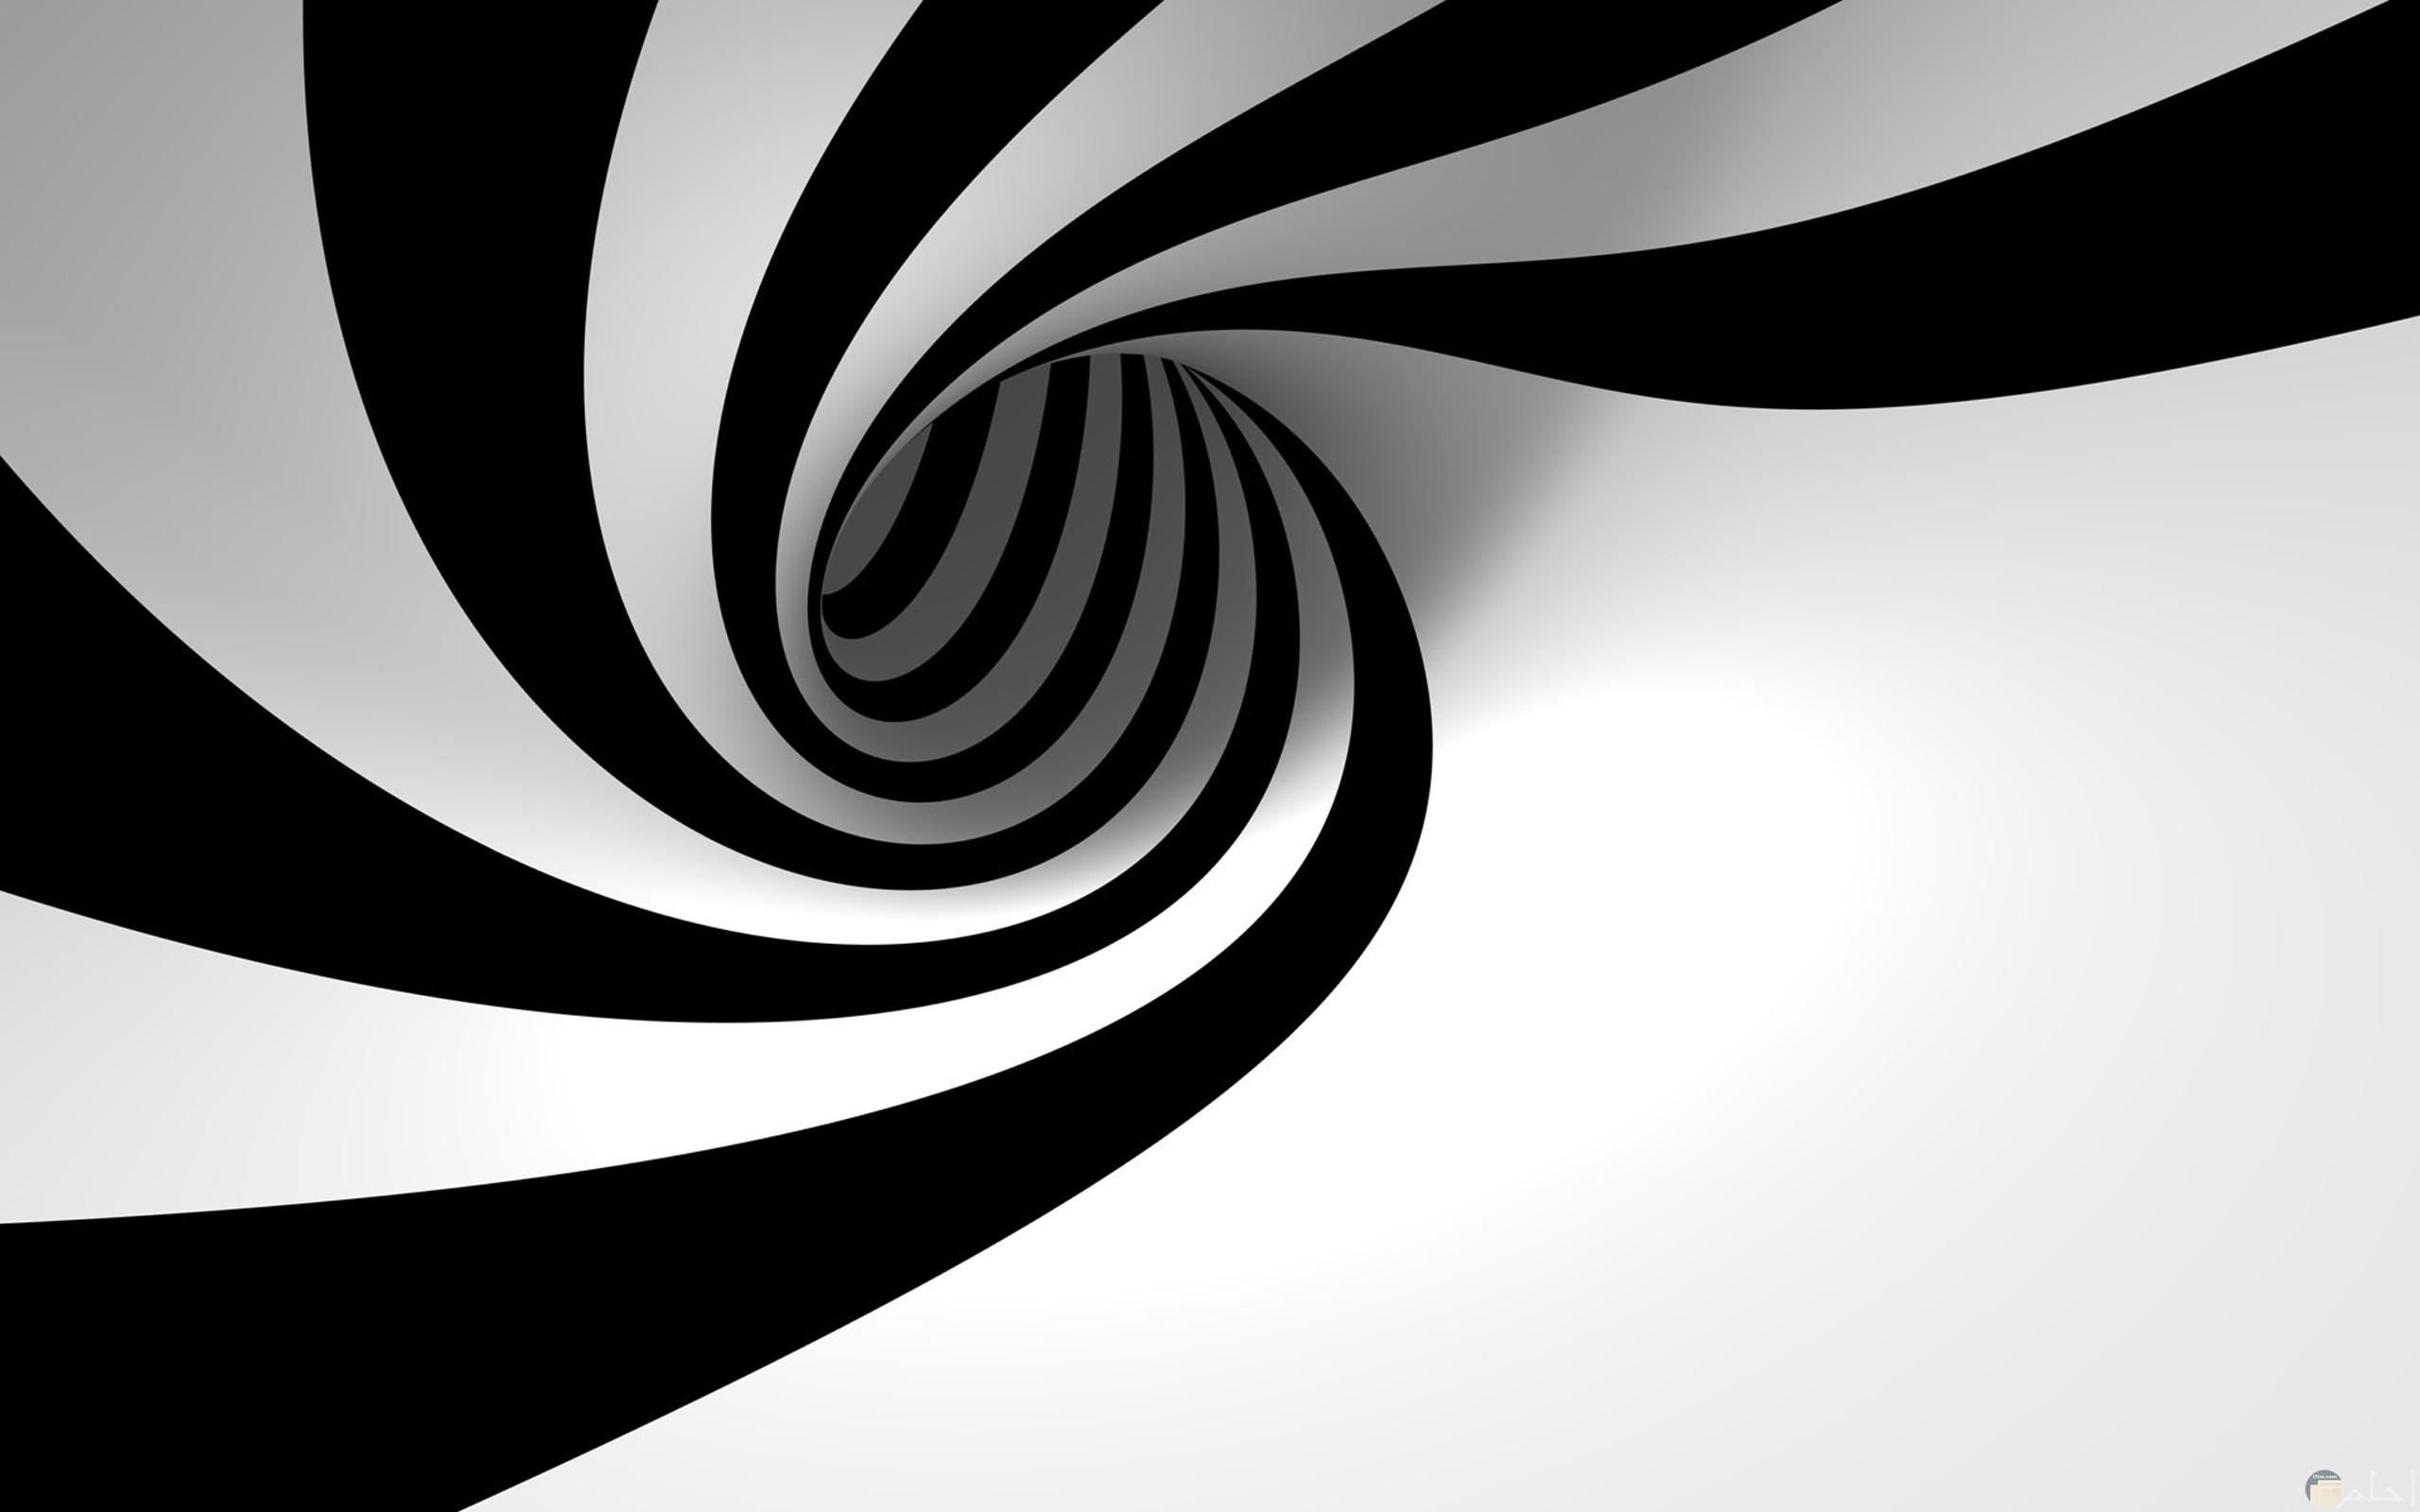 خلفية ثلاثية الابعاد على شكل دوامة 3D.